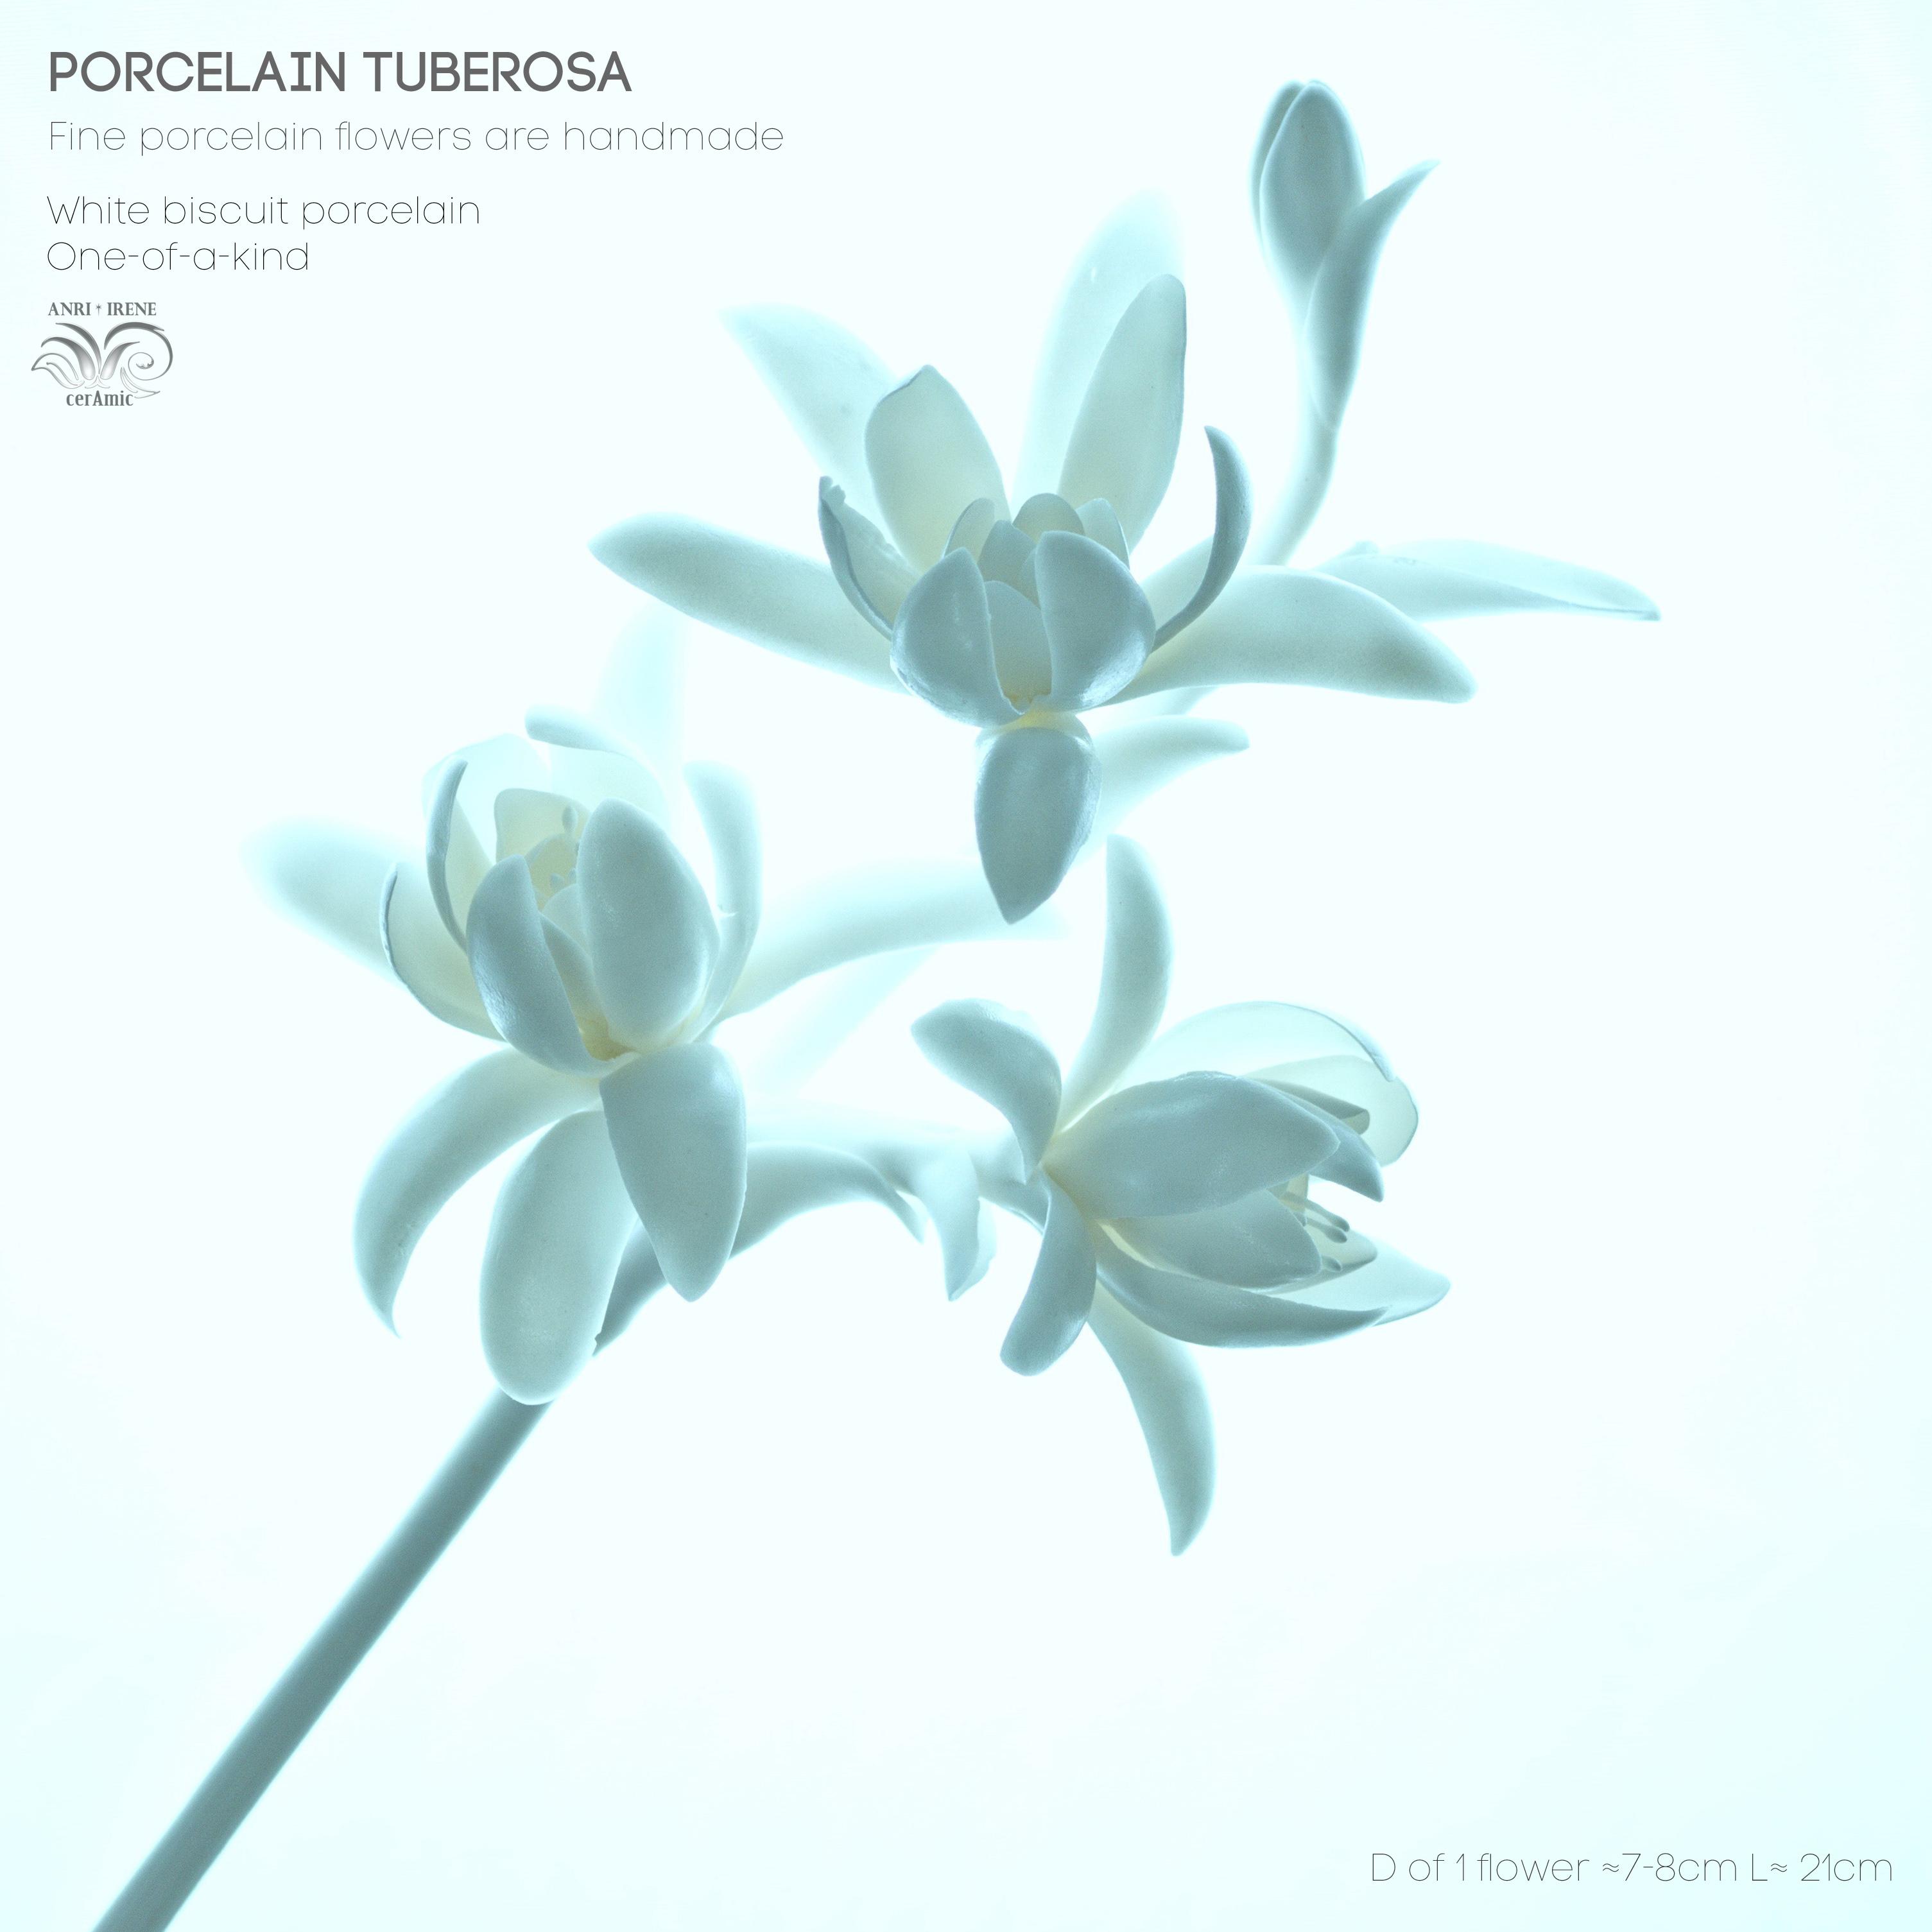 Porcelain flower tuberosa